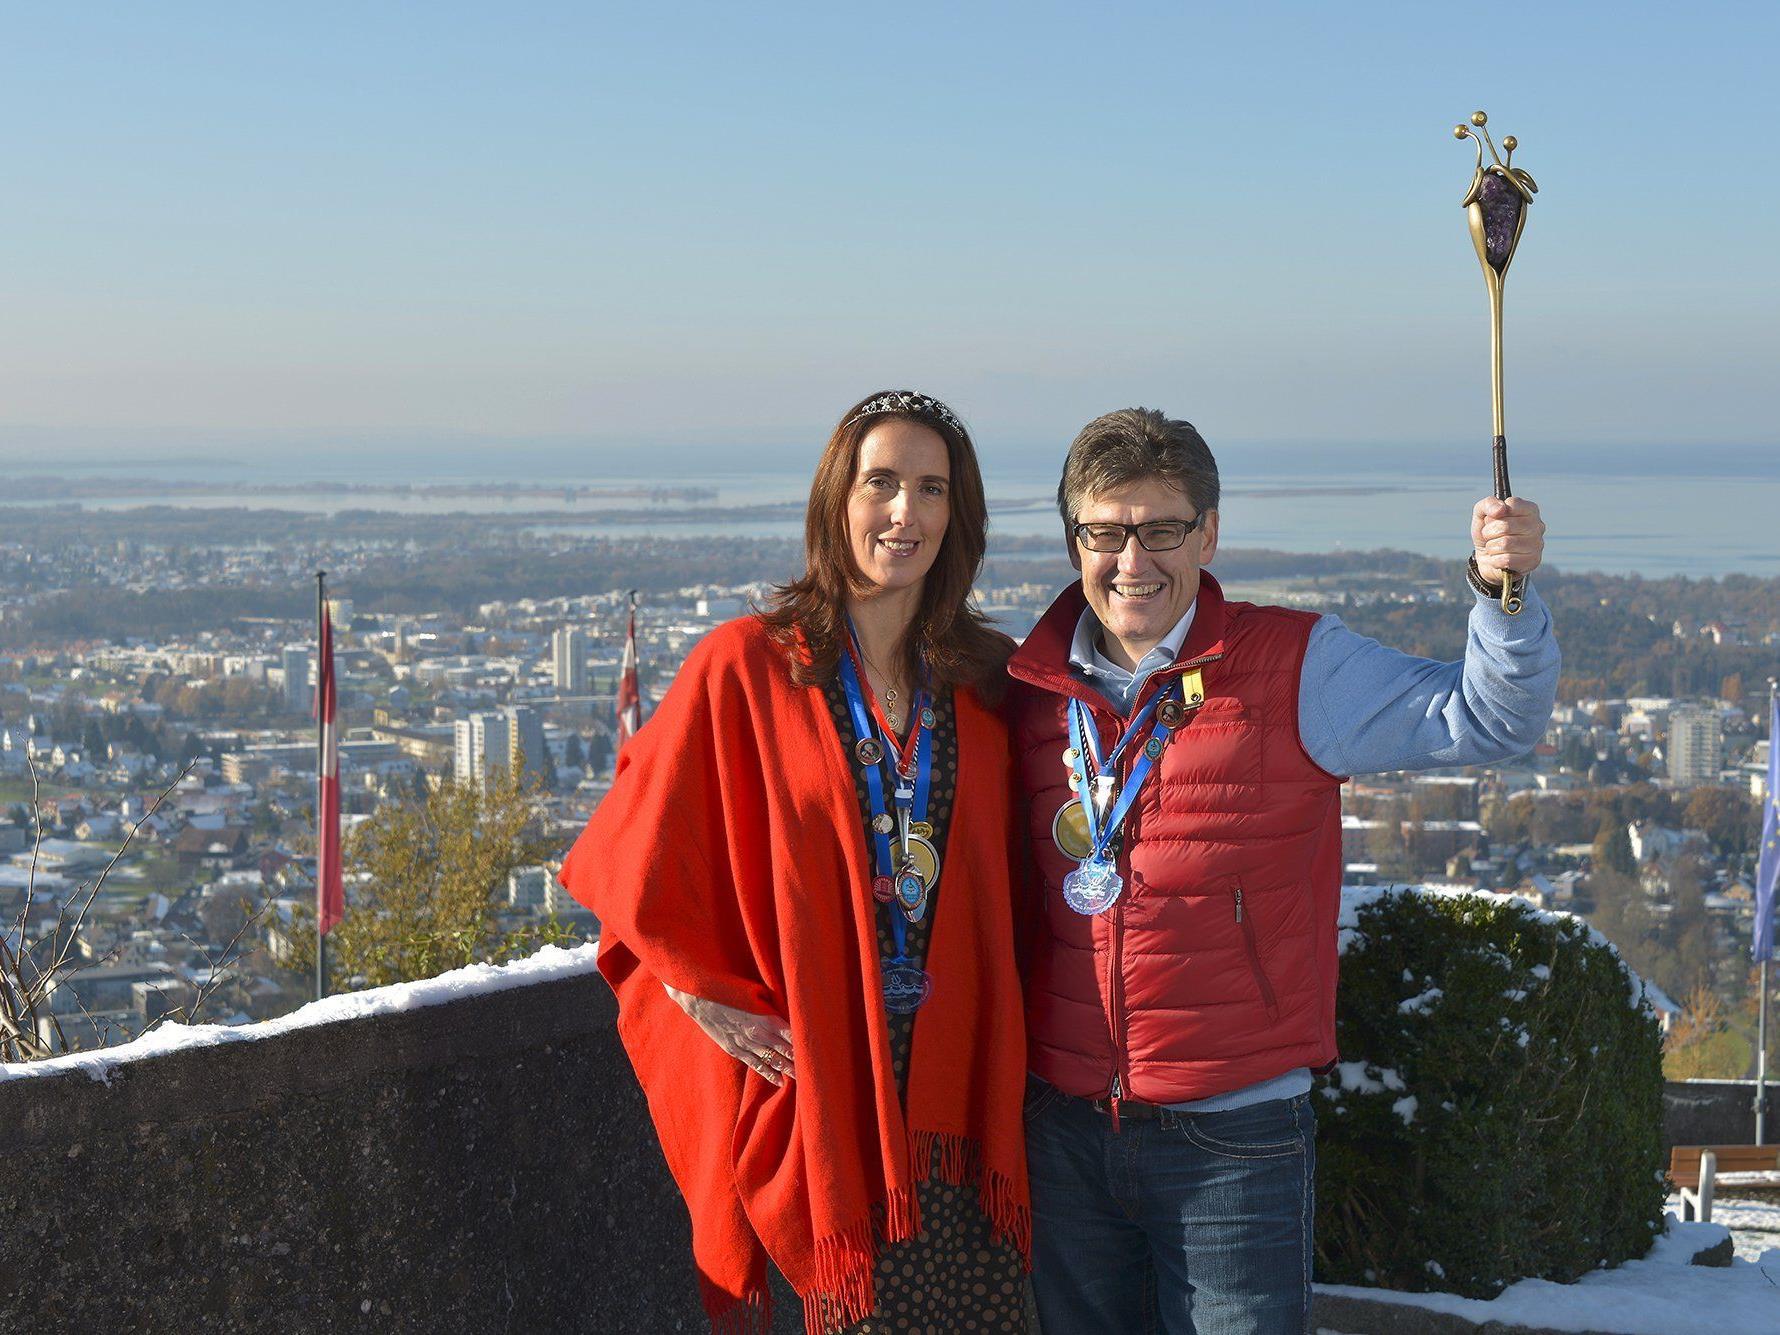 Das Bregenzer Prinzenpaar lädt am Montag, den  6. Jänner, um 15 Uhr zur Wagenweihe auf den Symphonikerplatz.